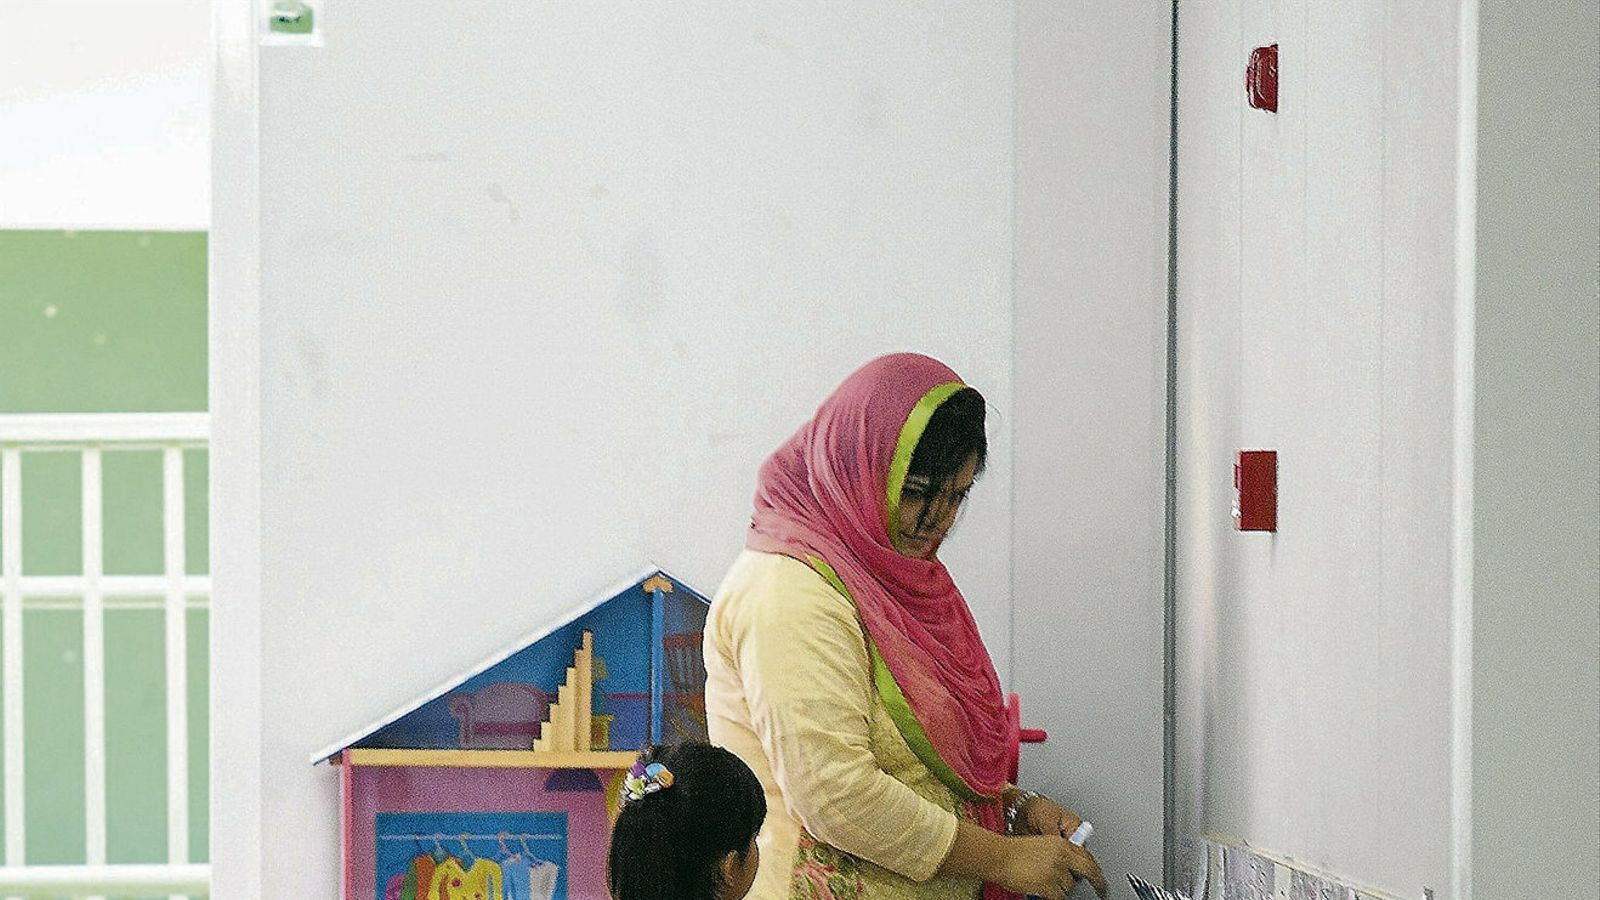 La comunitat musulmana calcula que 700 alumnes estudiaran l'islam